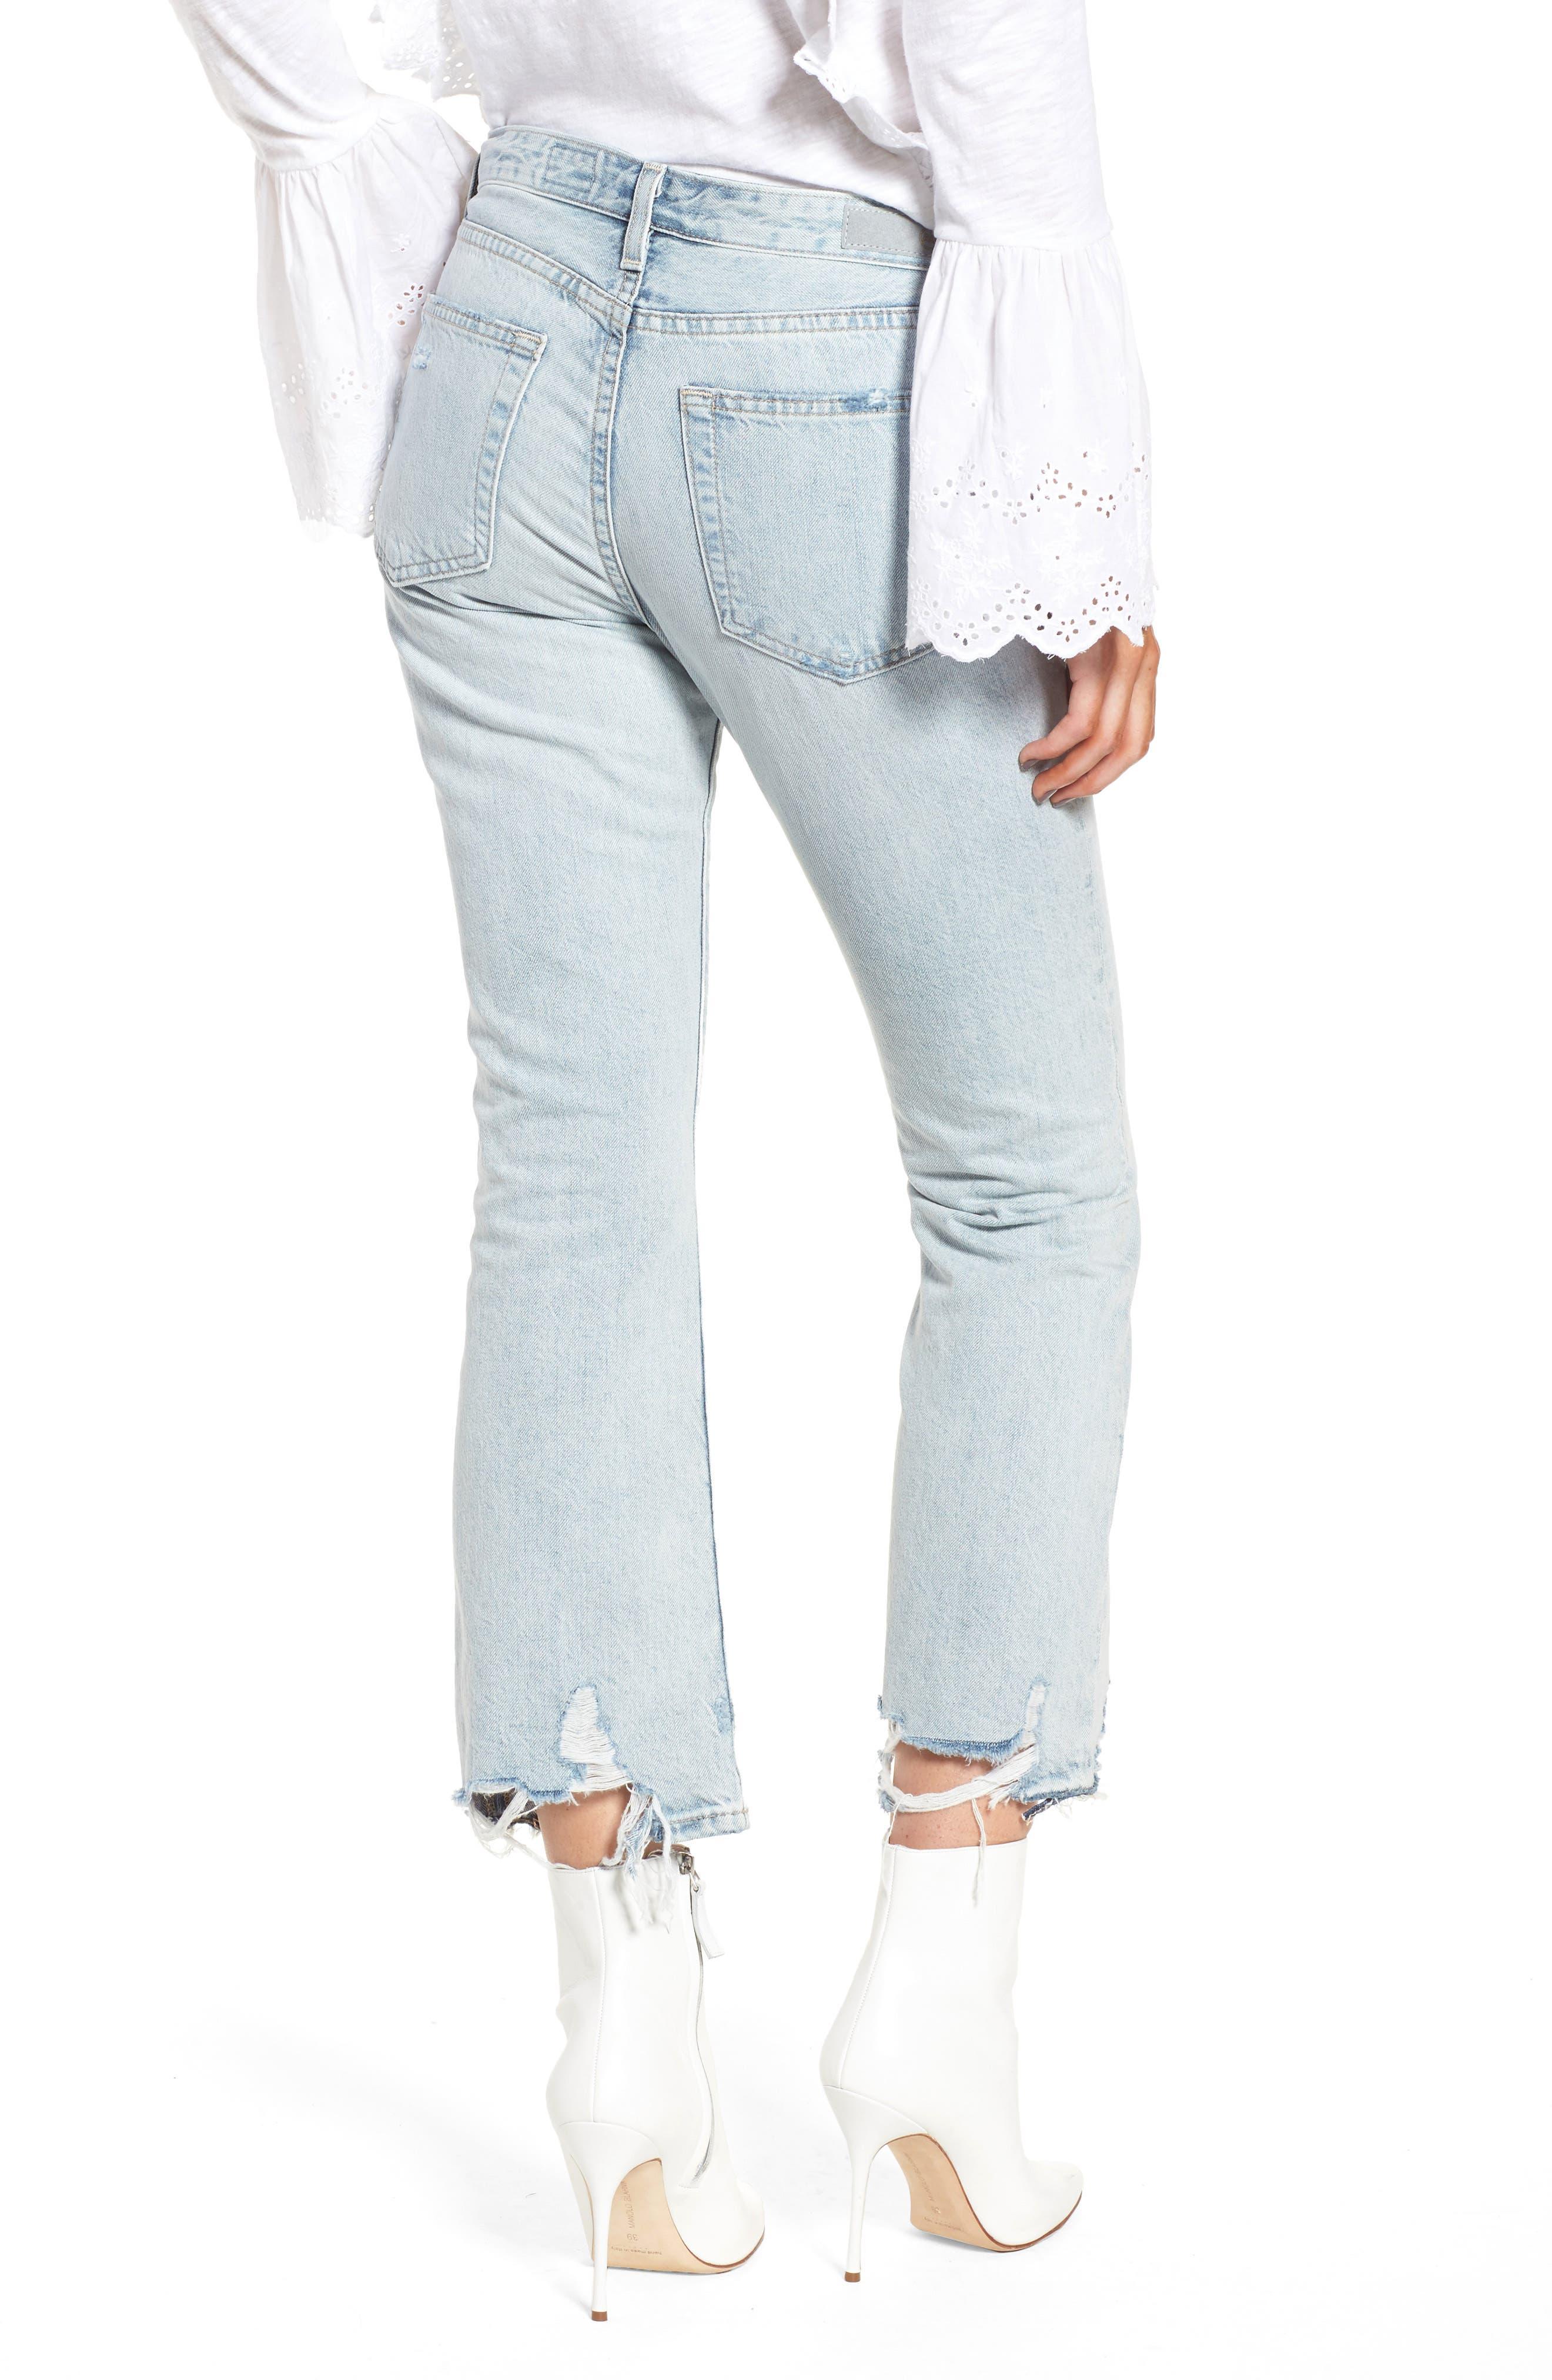 Jeans Jodi Crop Jeans,                             Alternate thumbnail 2, color,                             Bering Wave